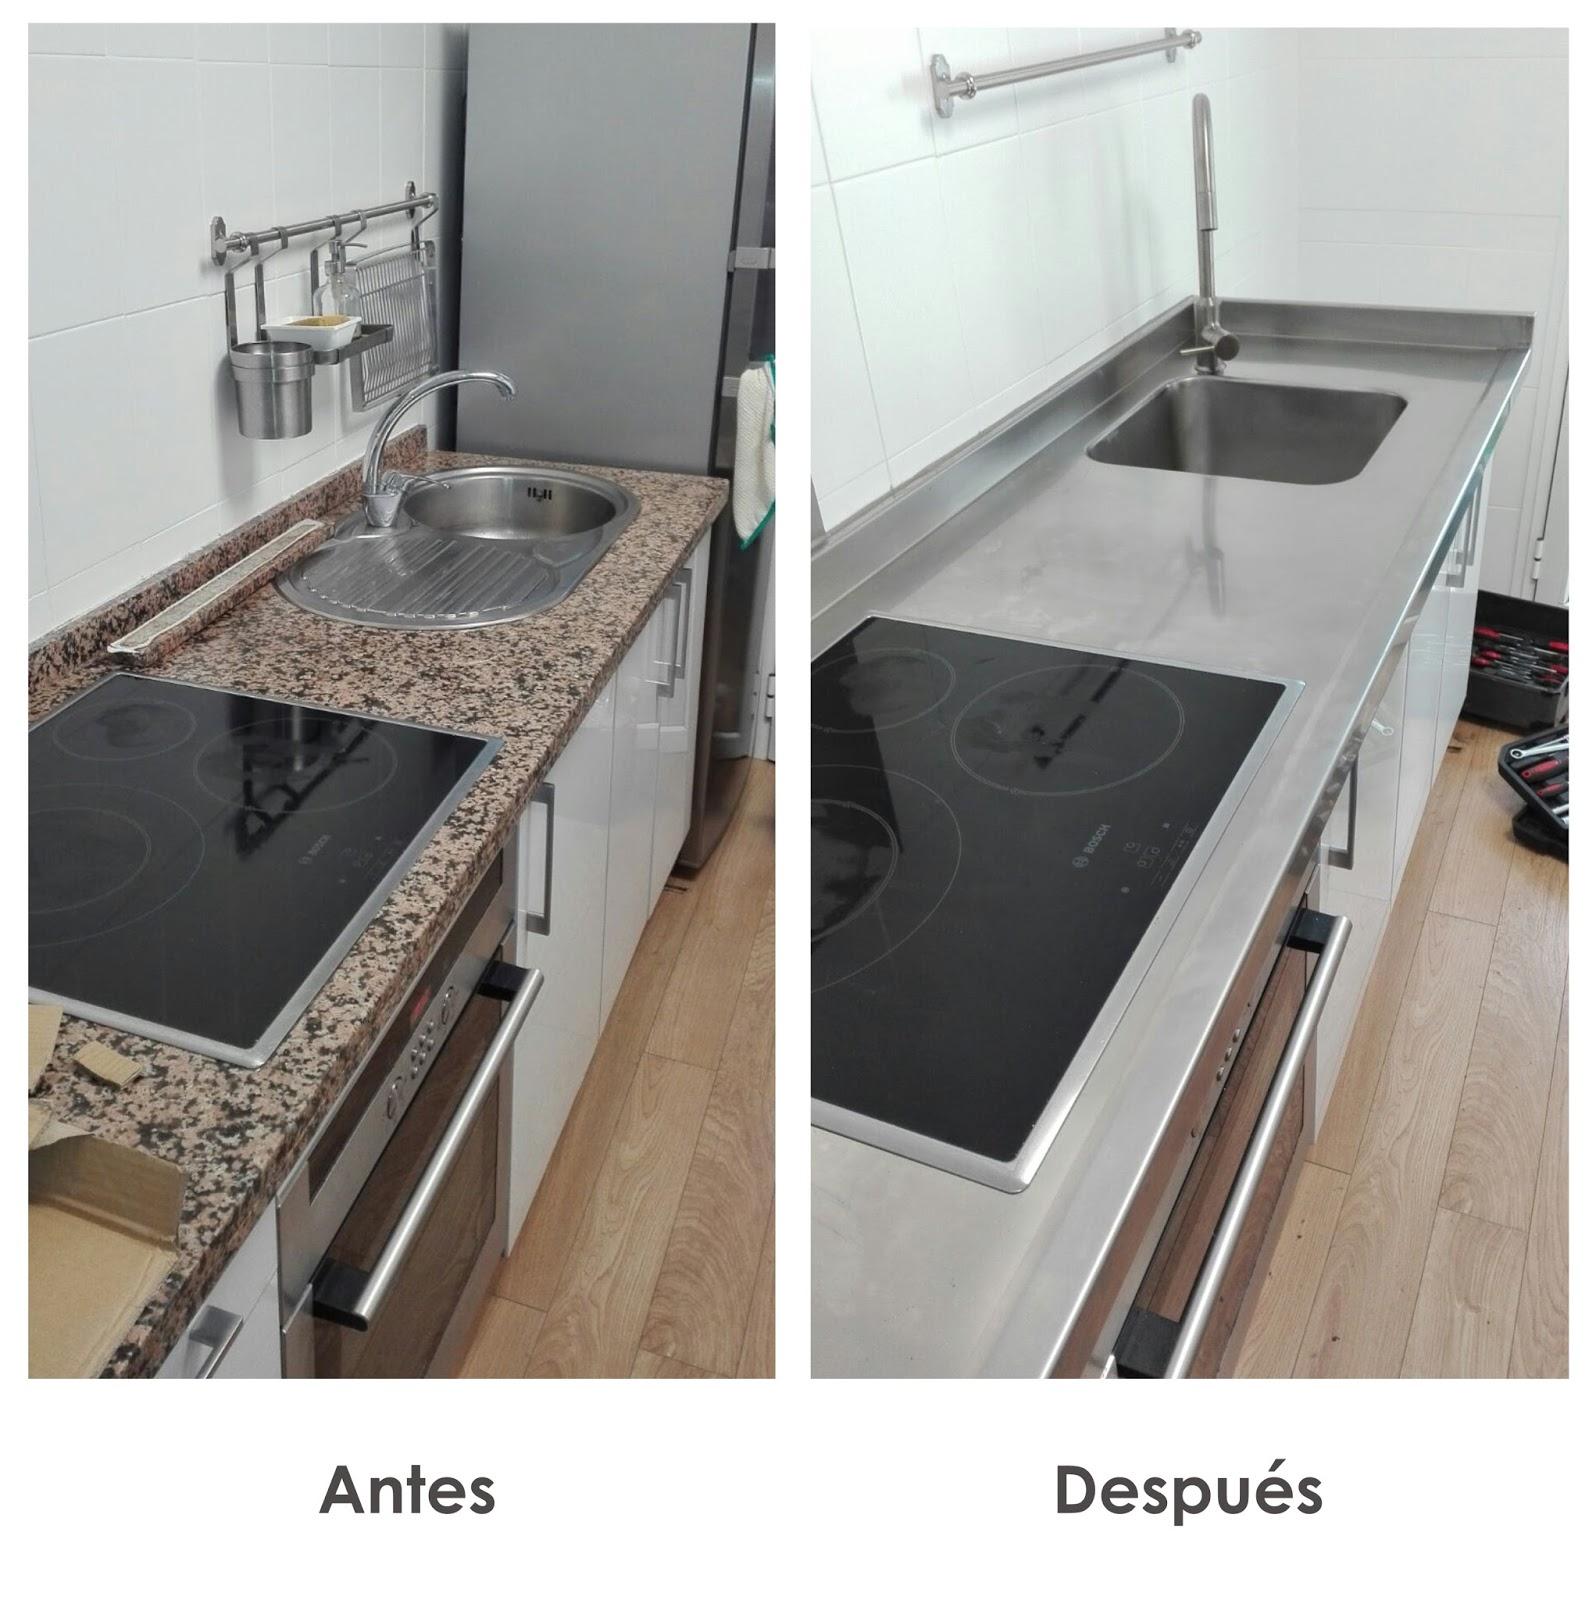 Acero inoxidable tenerife encimeras de acero inoxidable a medida tenerife - Medidas de encimeras de cocina ...